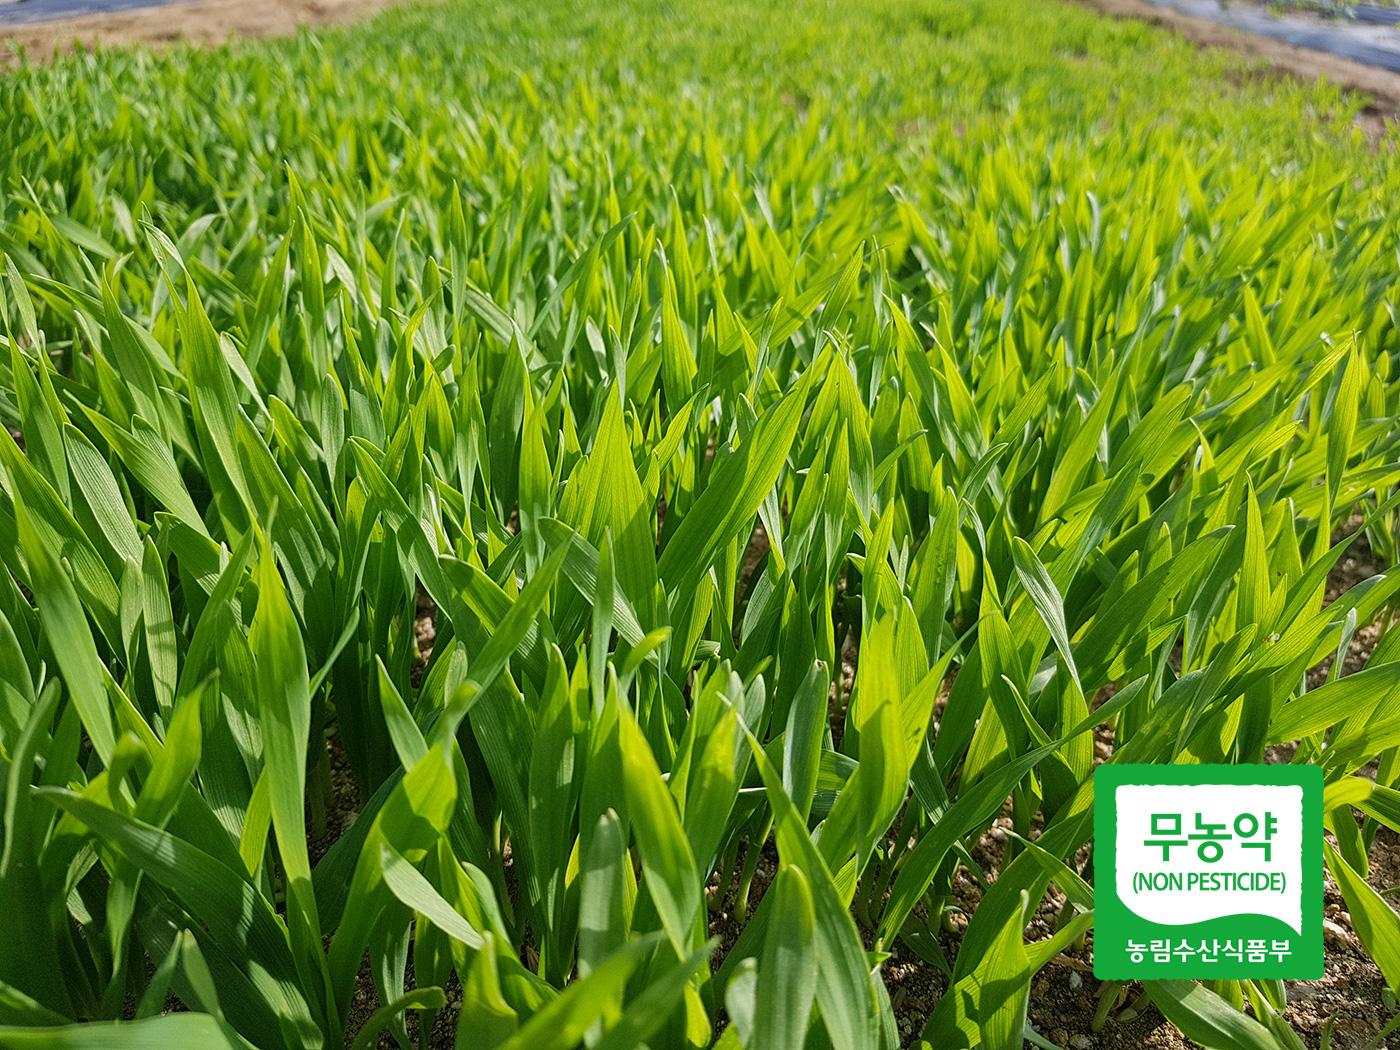 무농약 새싹보리 분말 스틱(30포/60포) 상세이미지2